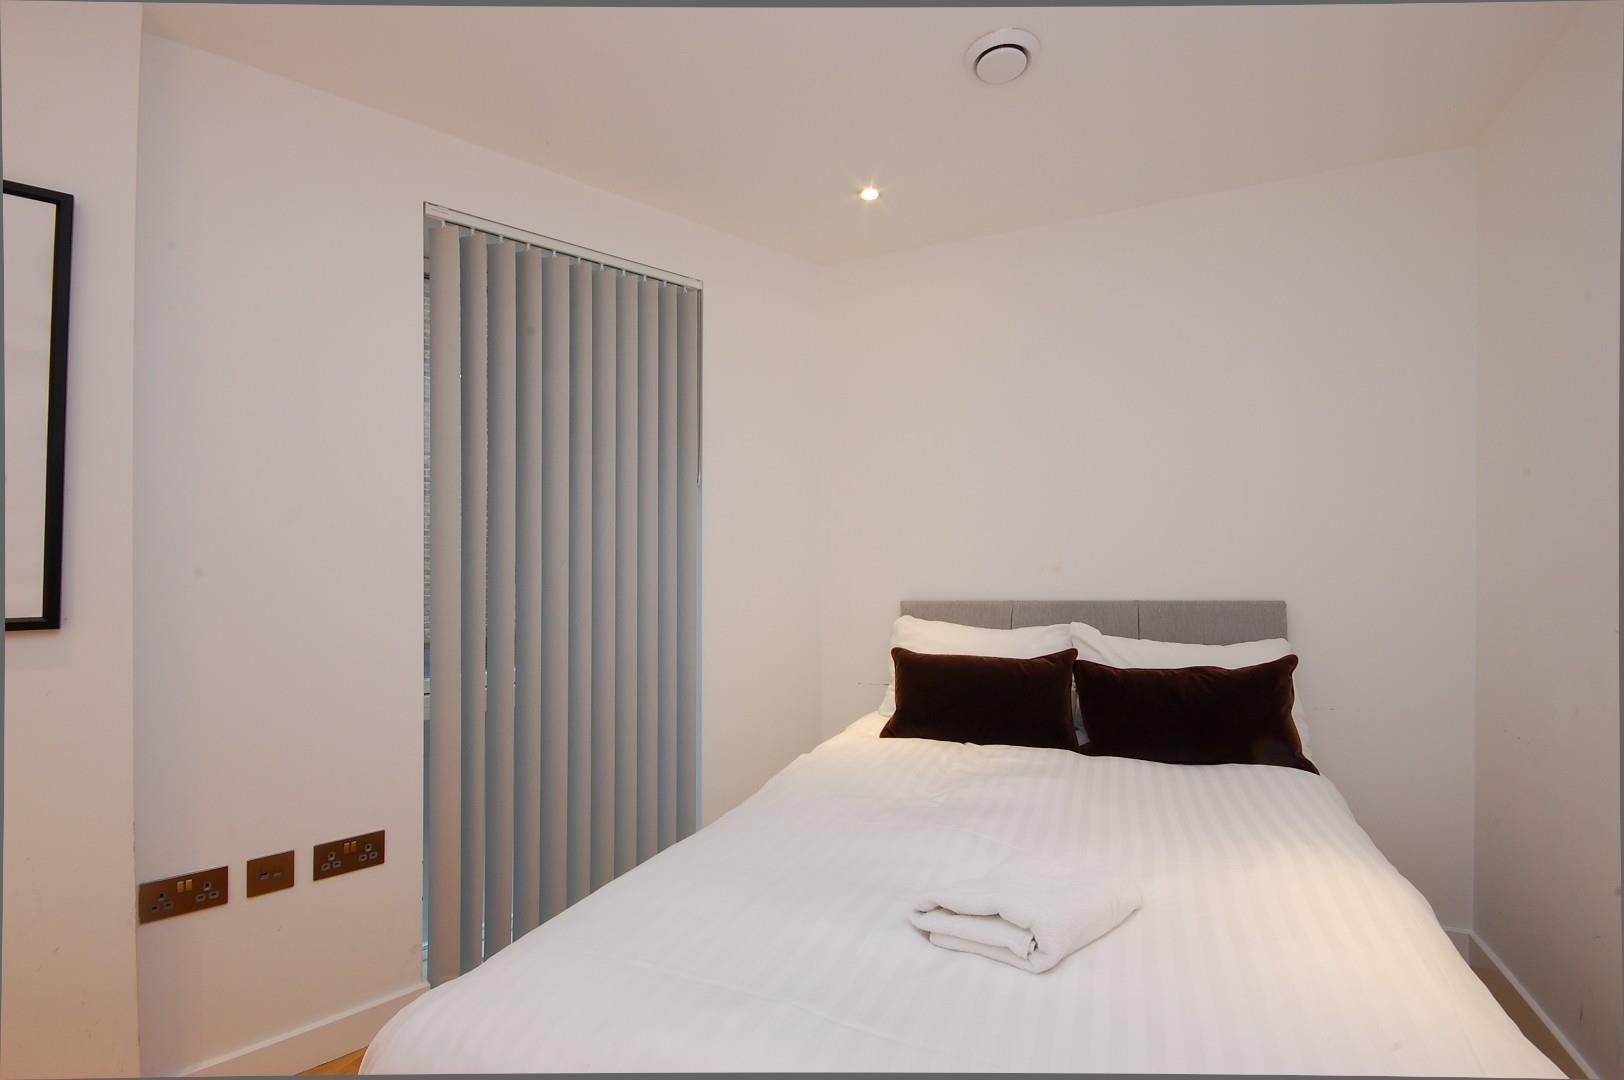 Godfrey-Bedroom 1a.jpg